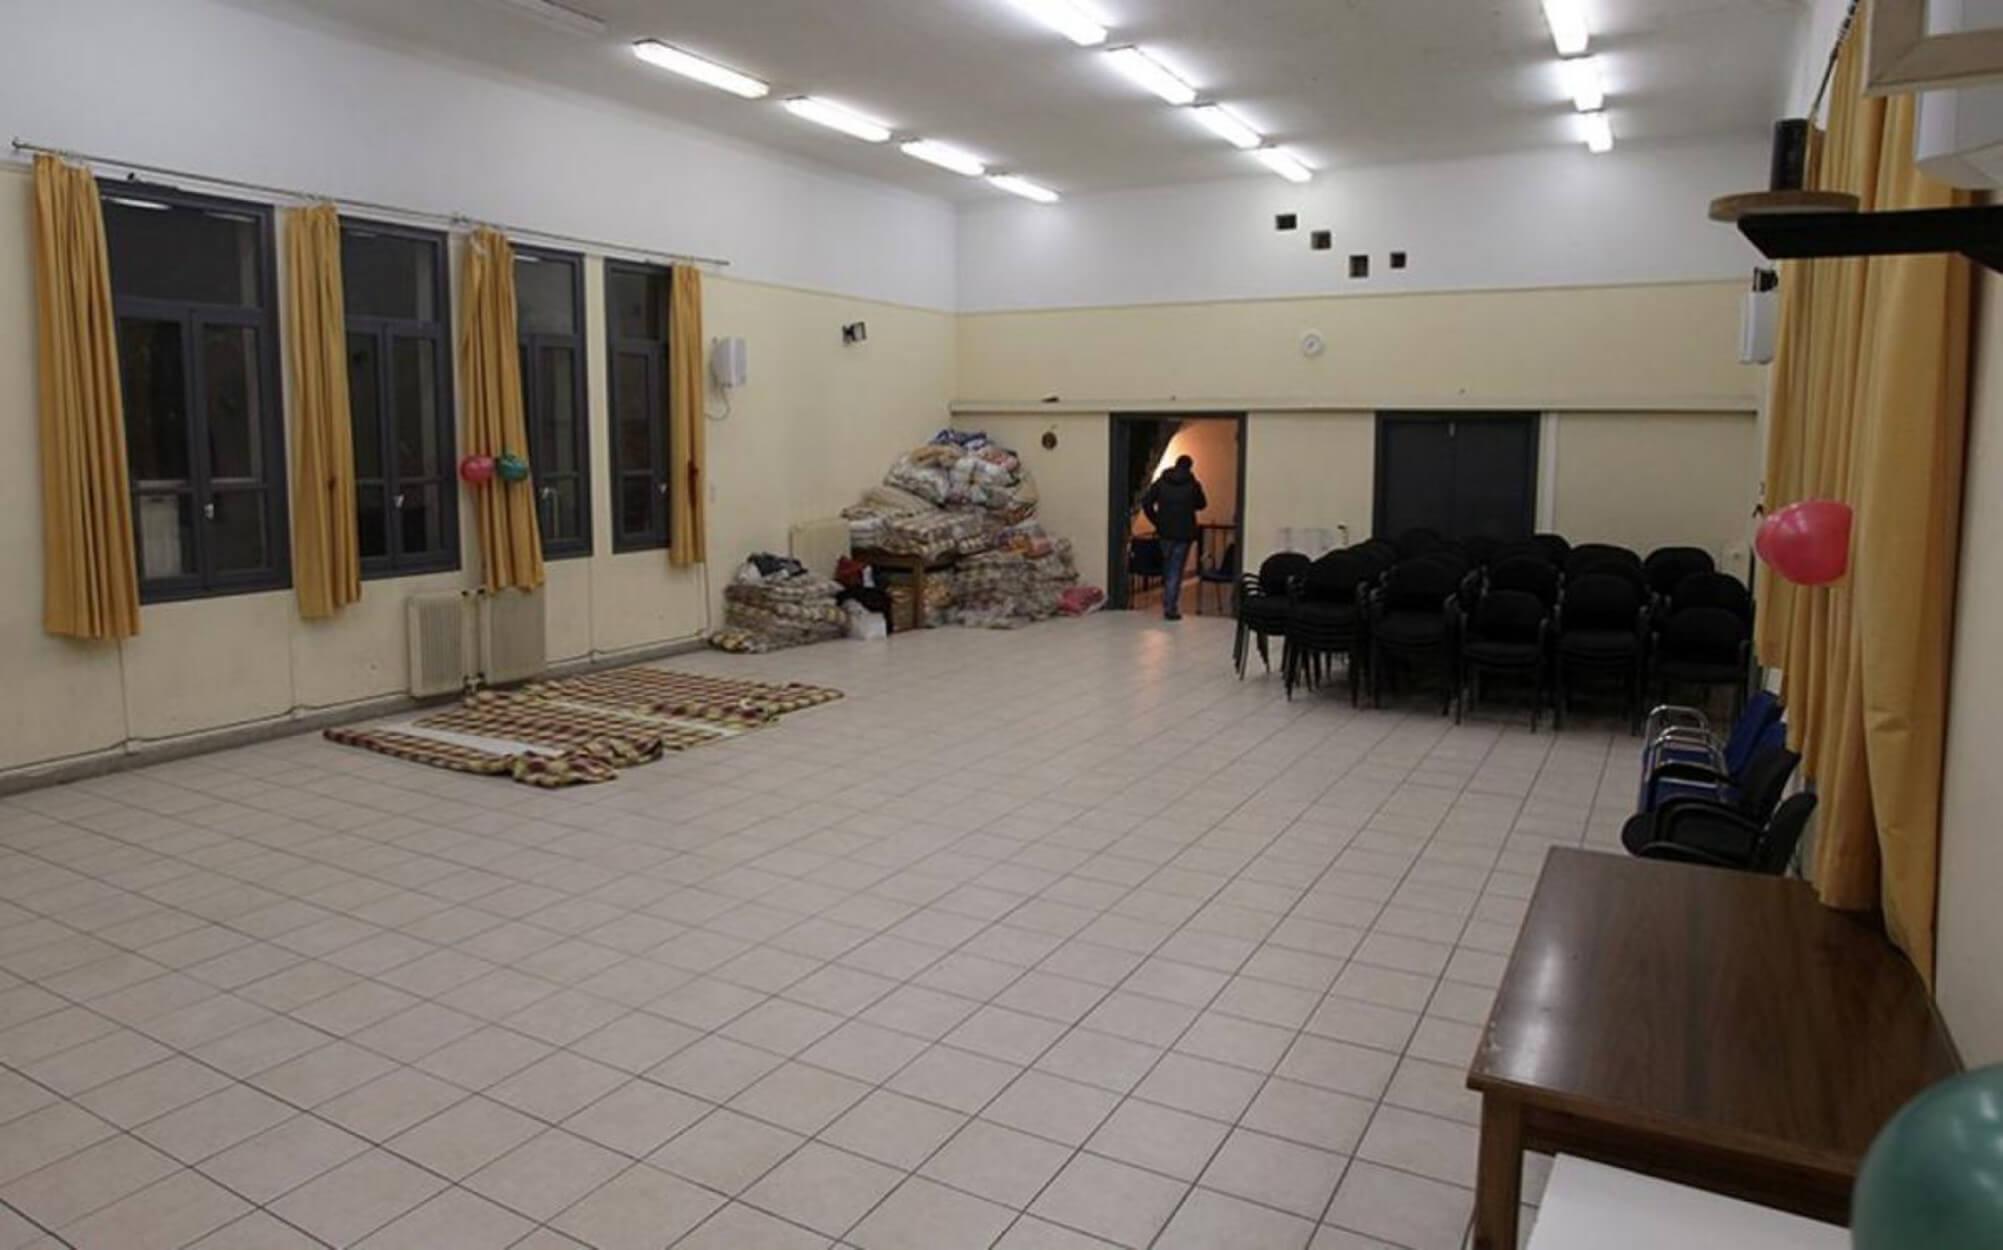 Έκτακτα μέτρα από τον Δήμο Αθηναίων για το κρύο με θερμαινόμενες αίθουσες και RapidTest